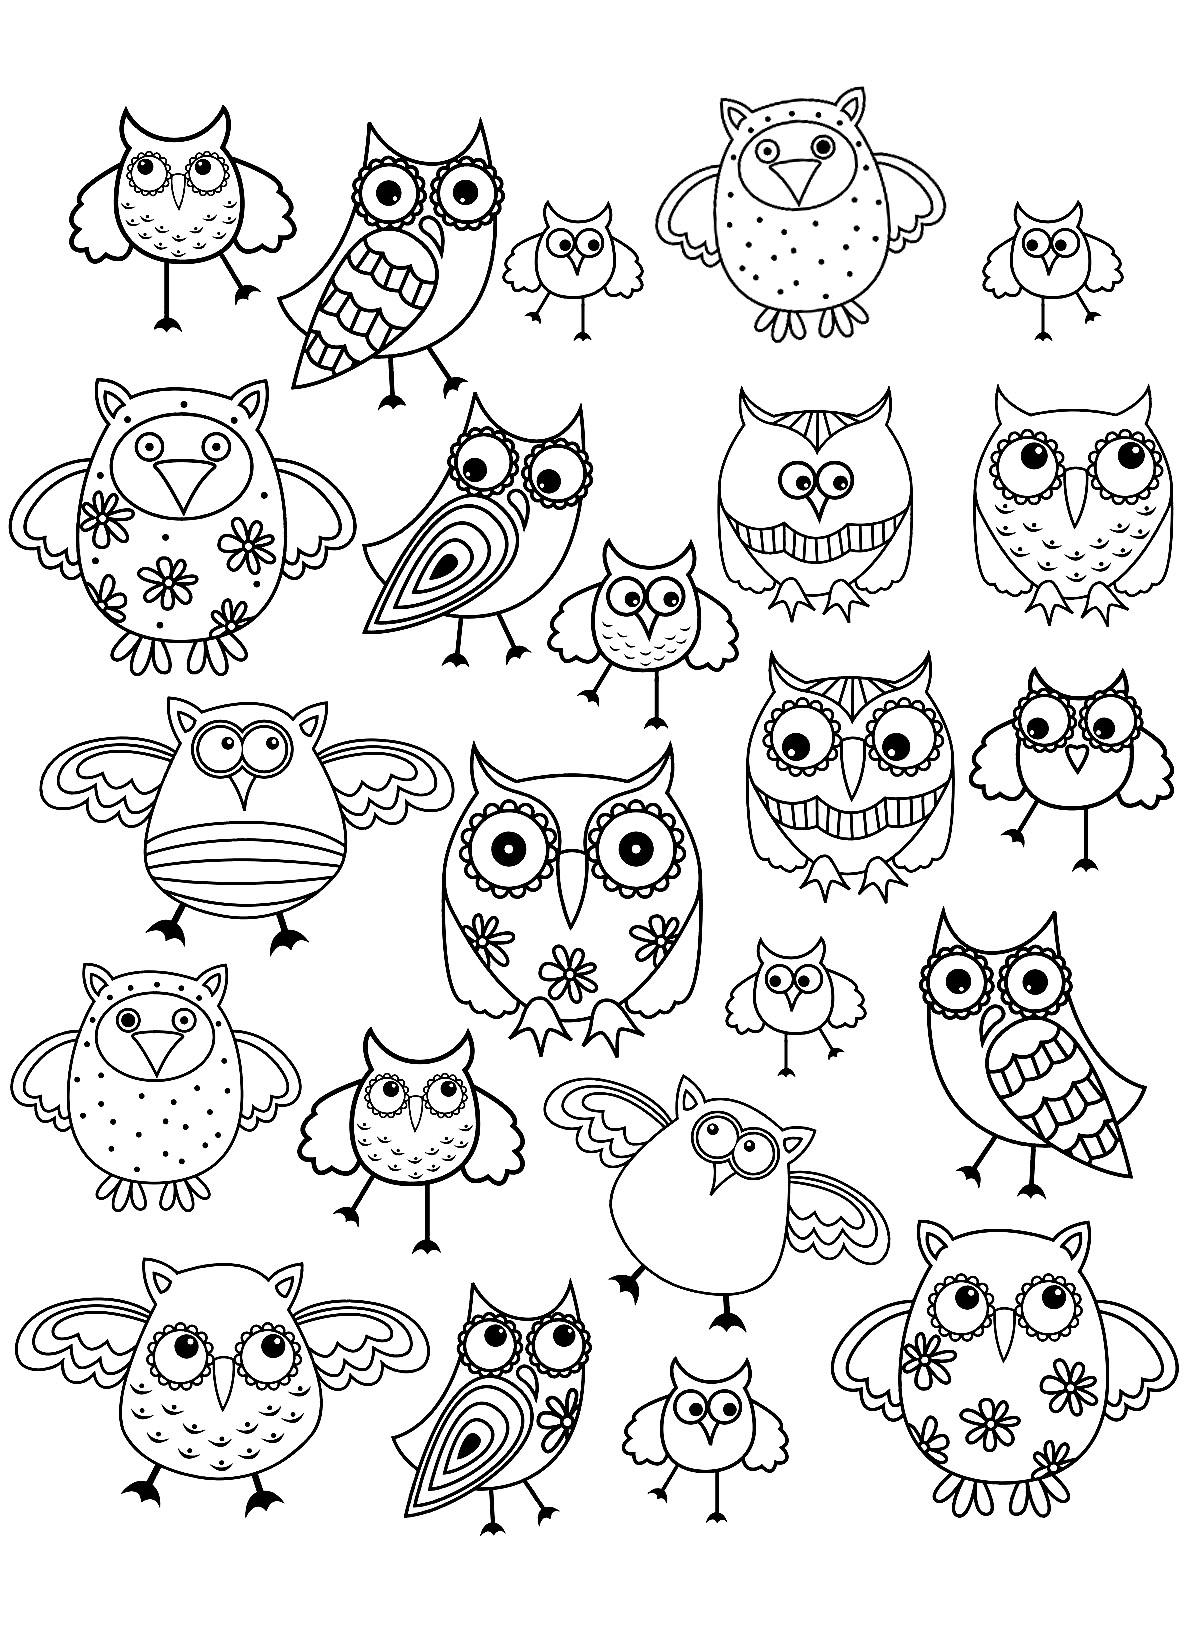 Doodle Chouette Coloriage Doodle Art Coloriages Pour Enfants